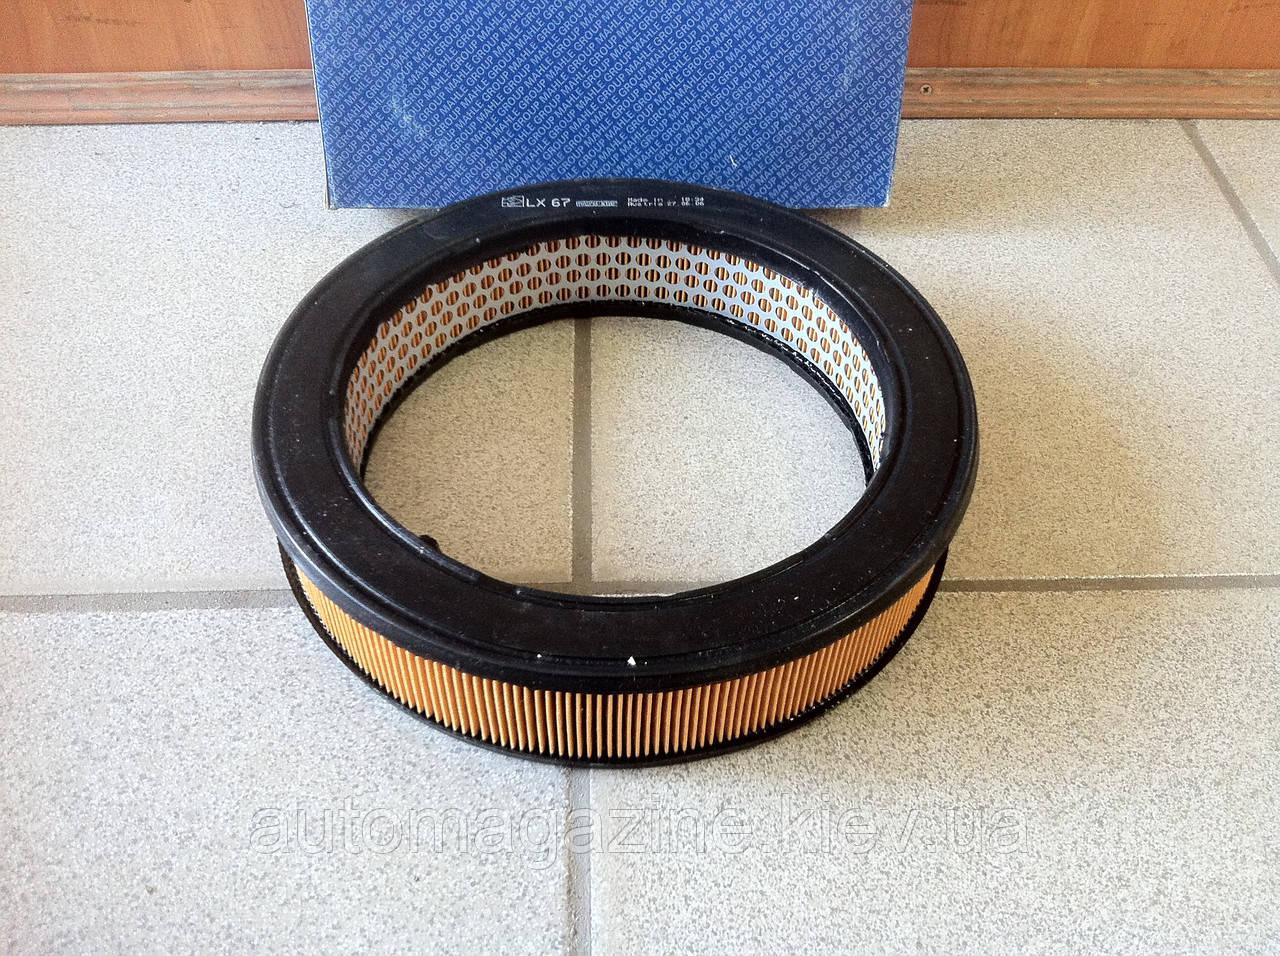 Фильтр воздушный Honda Jazz (AA), Mazda 323 (FA), Mazda 1000